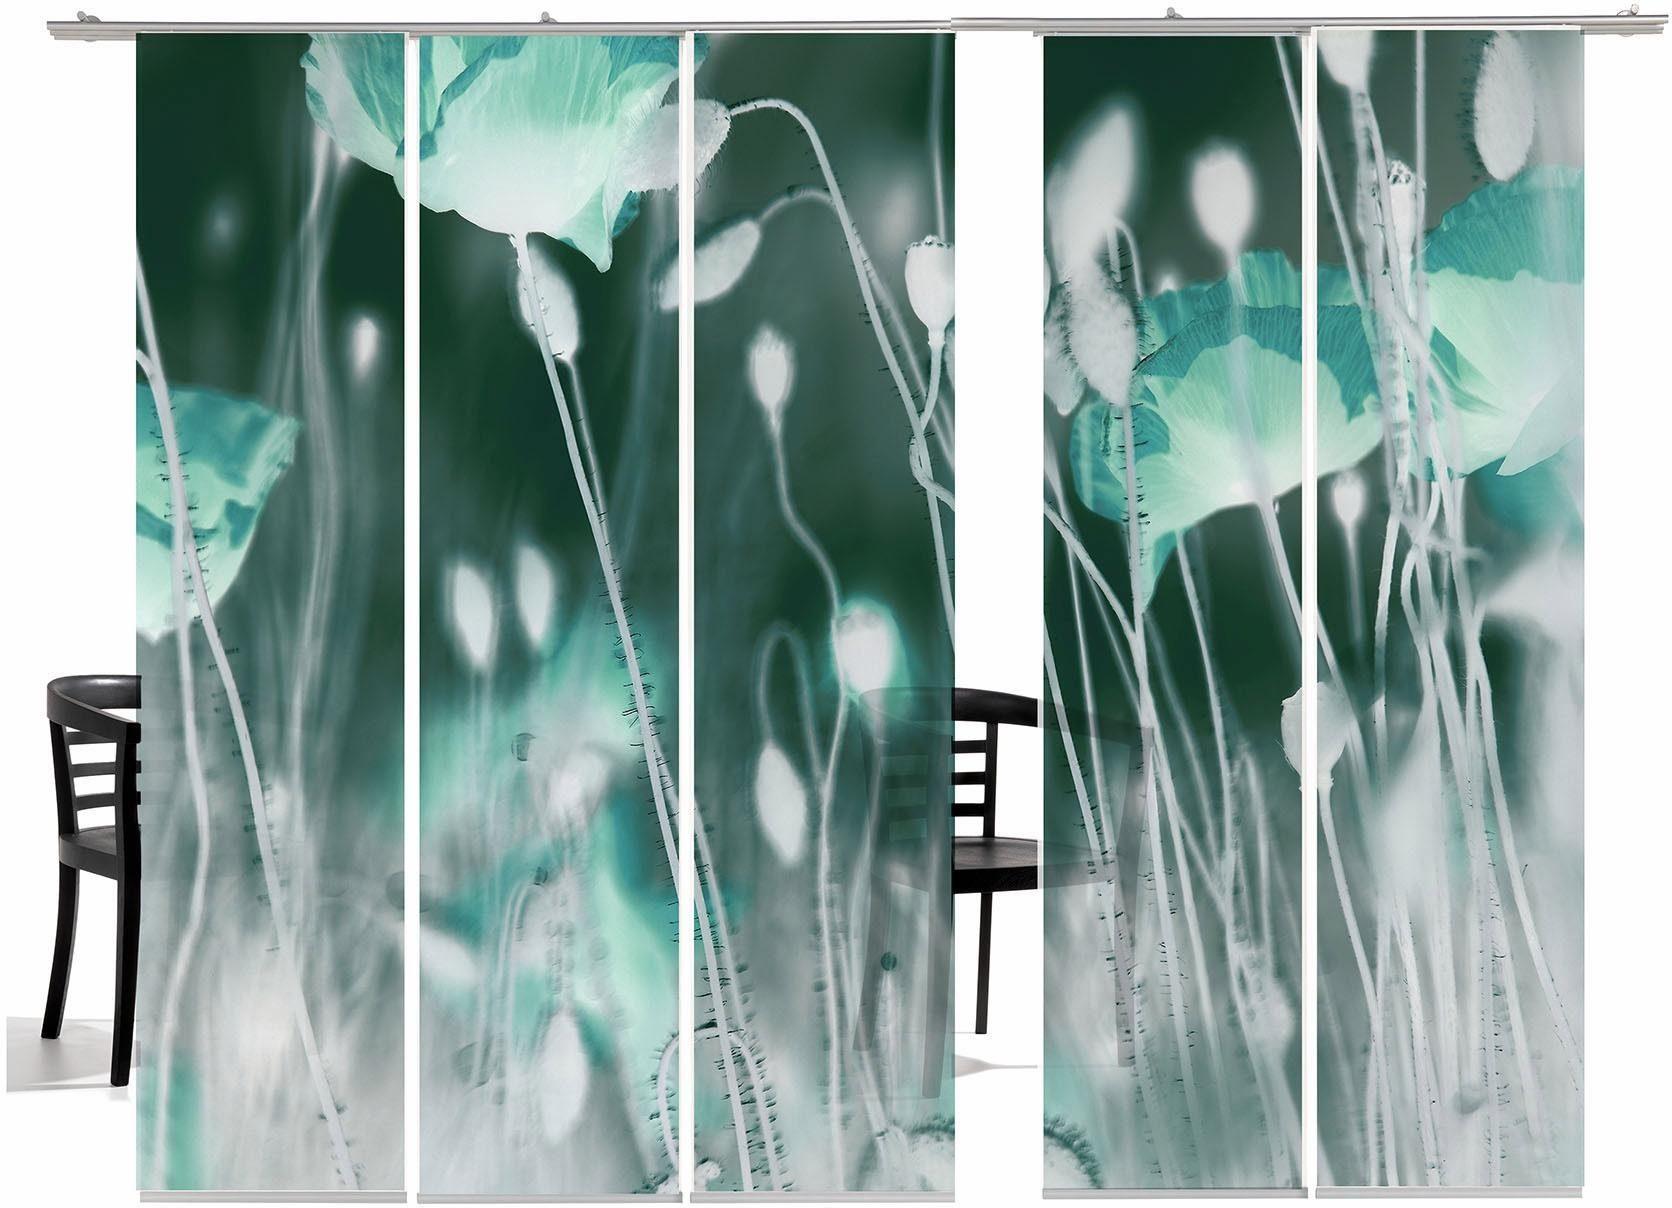 Paneelgordijn emotion textiles wilde klaproos ha« met